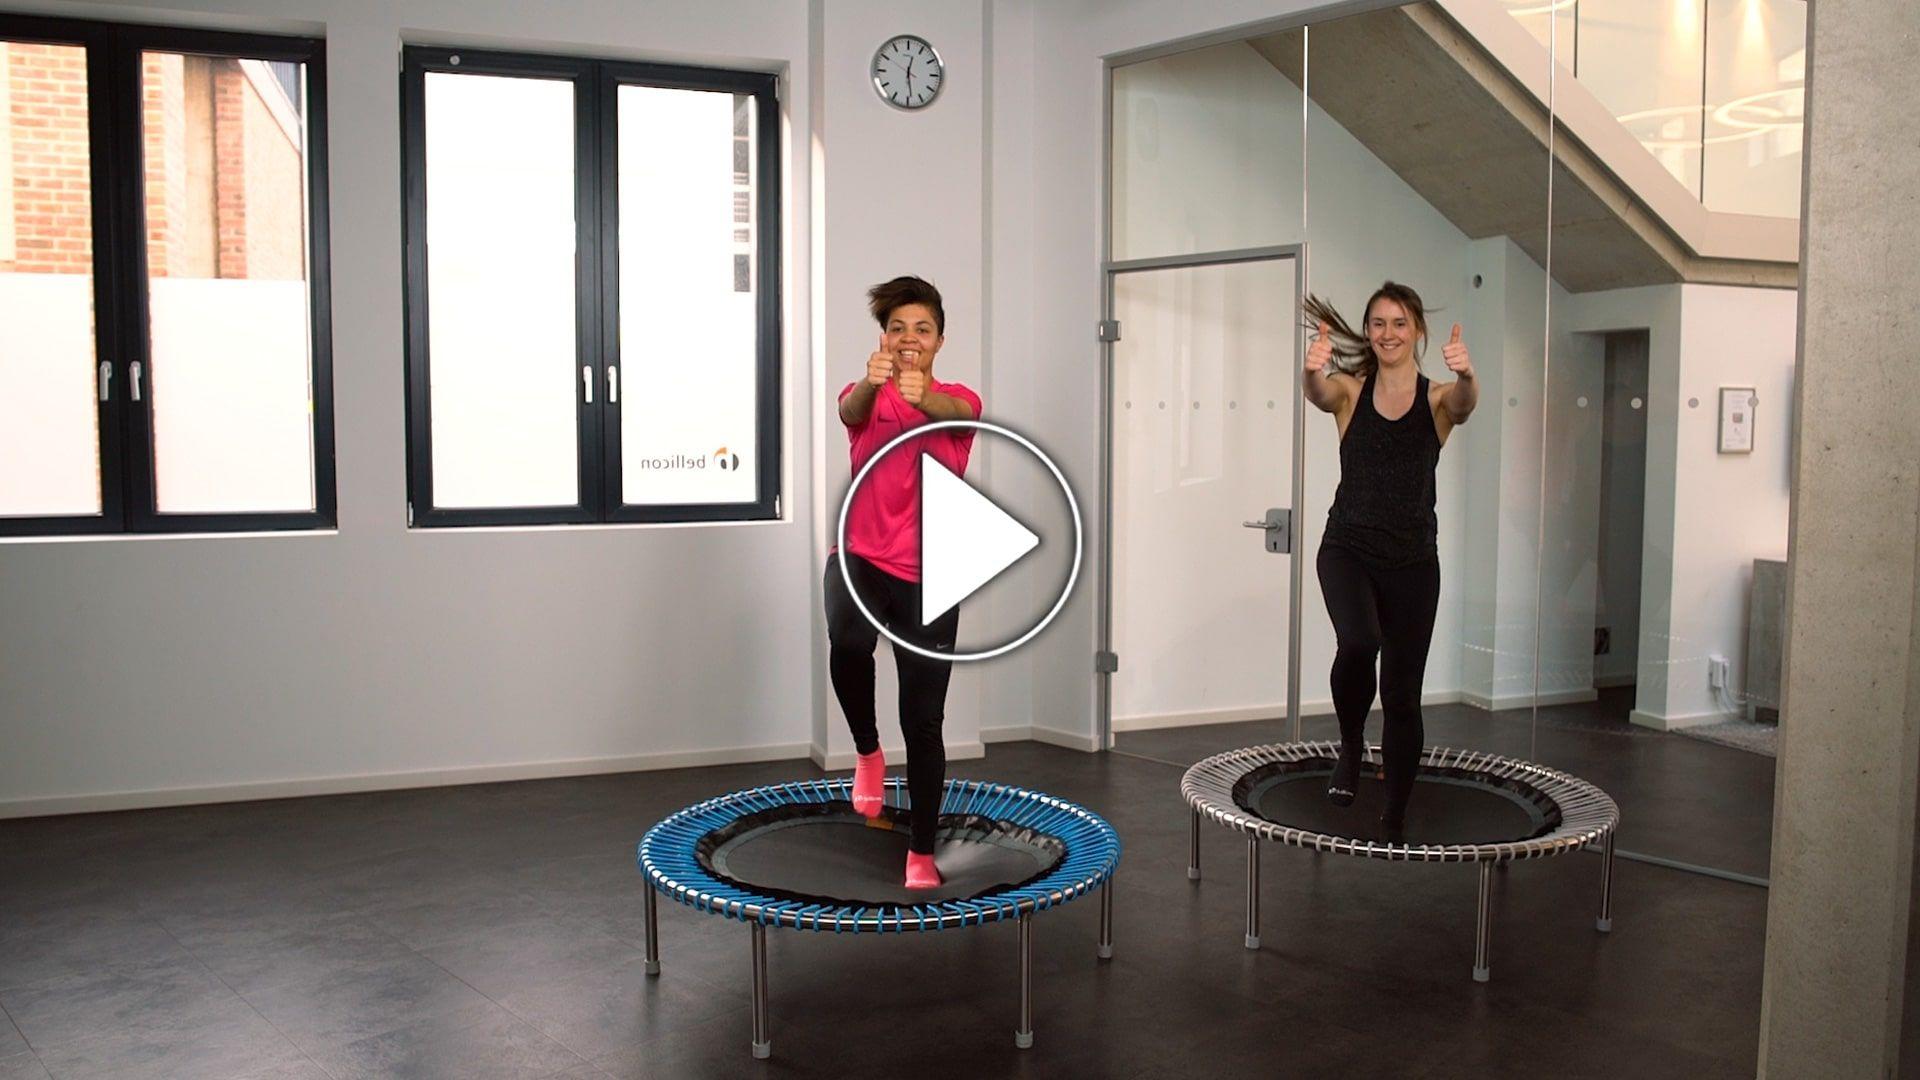 Kurzes Und Intensives Lauftraining Auf Dem Bellicon Minitrampolin Minitrampolin Trampolin Training Fitness Trampolin